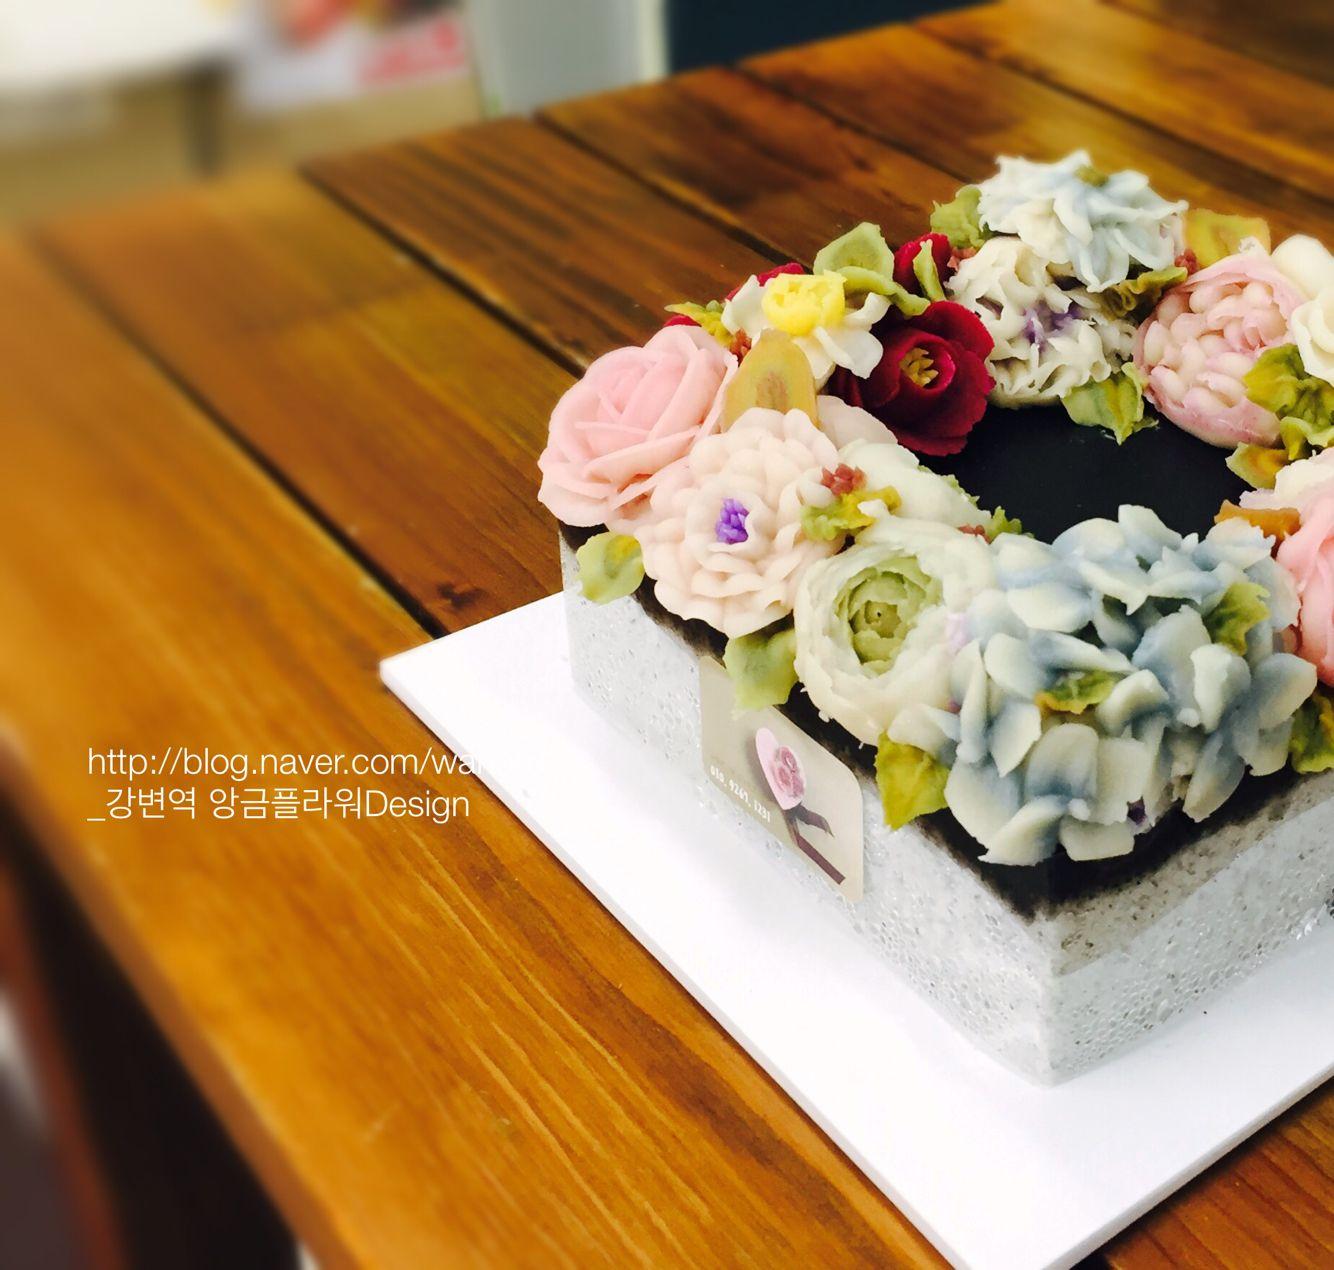 강변역 앙금플라워Design_ 흑임자설기 흑임자양갱 리스케익. rice flower cake